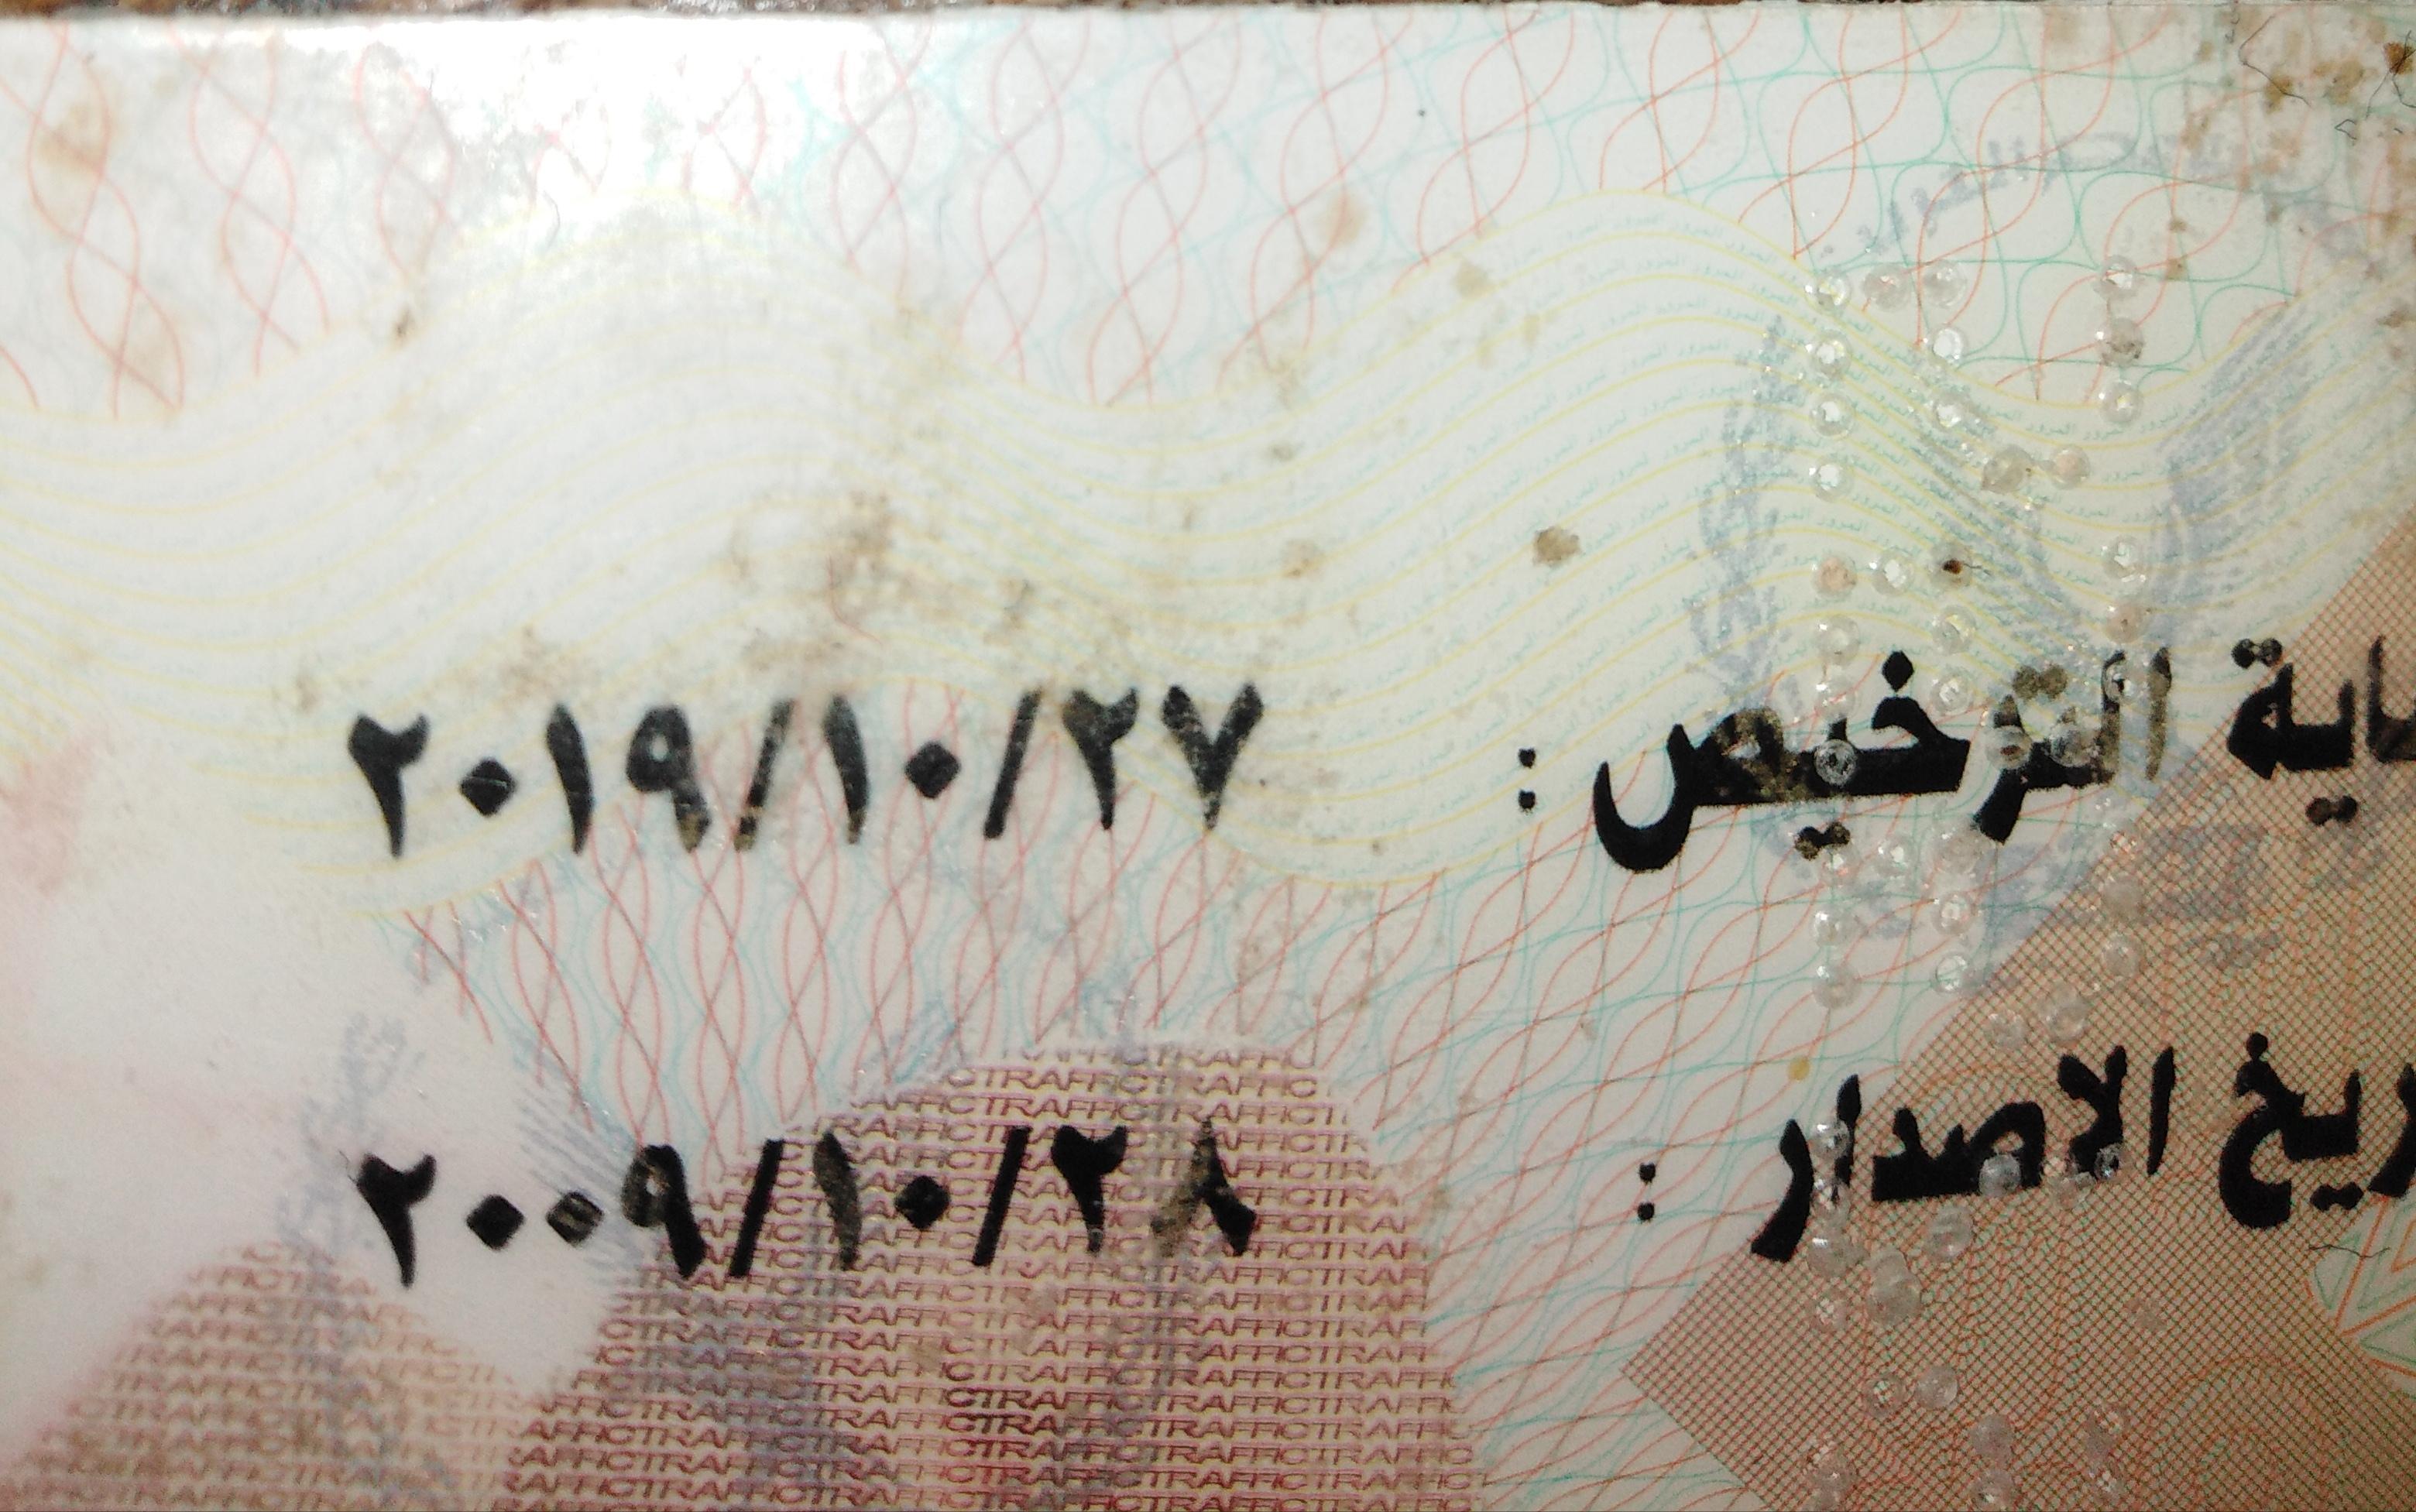 رسوم تجديد رخصه القياده الخاصه في مصر 2019 مع الأوراق المطلوبة للتجديد